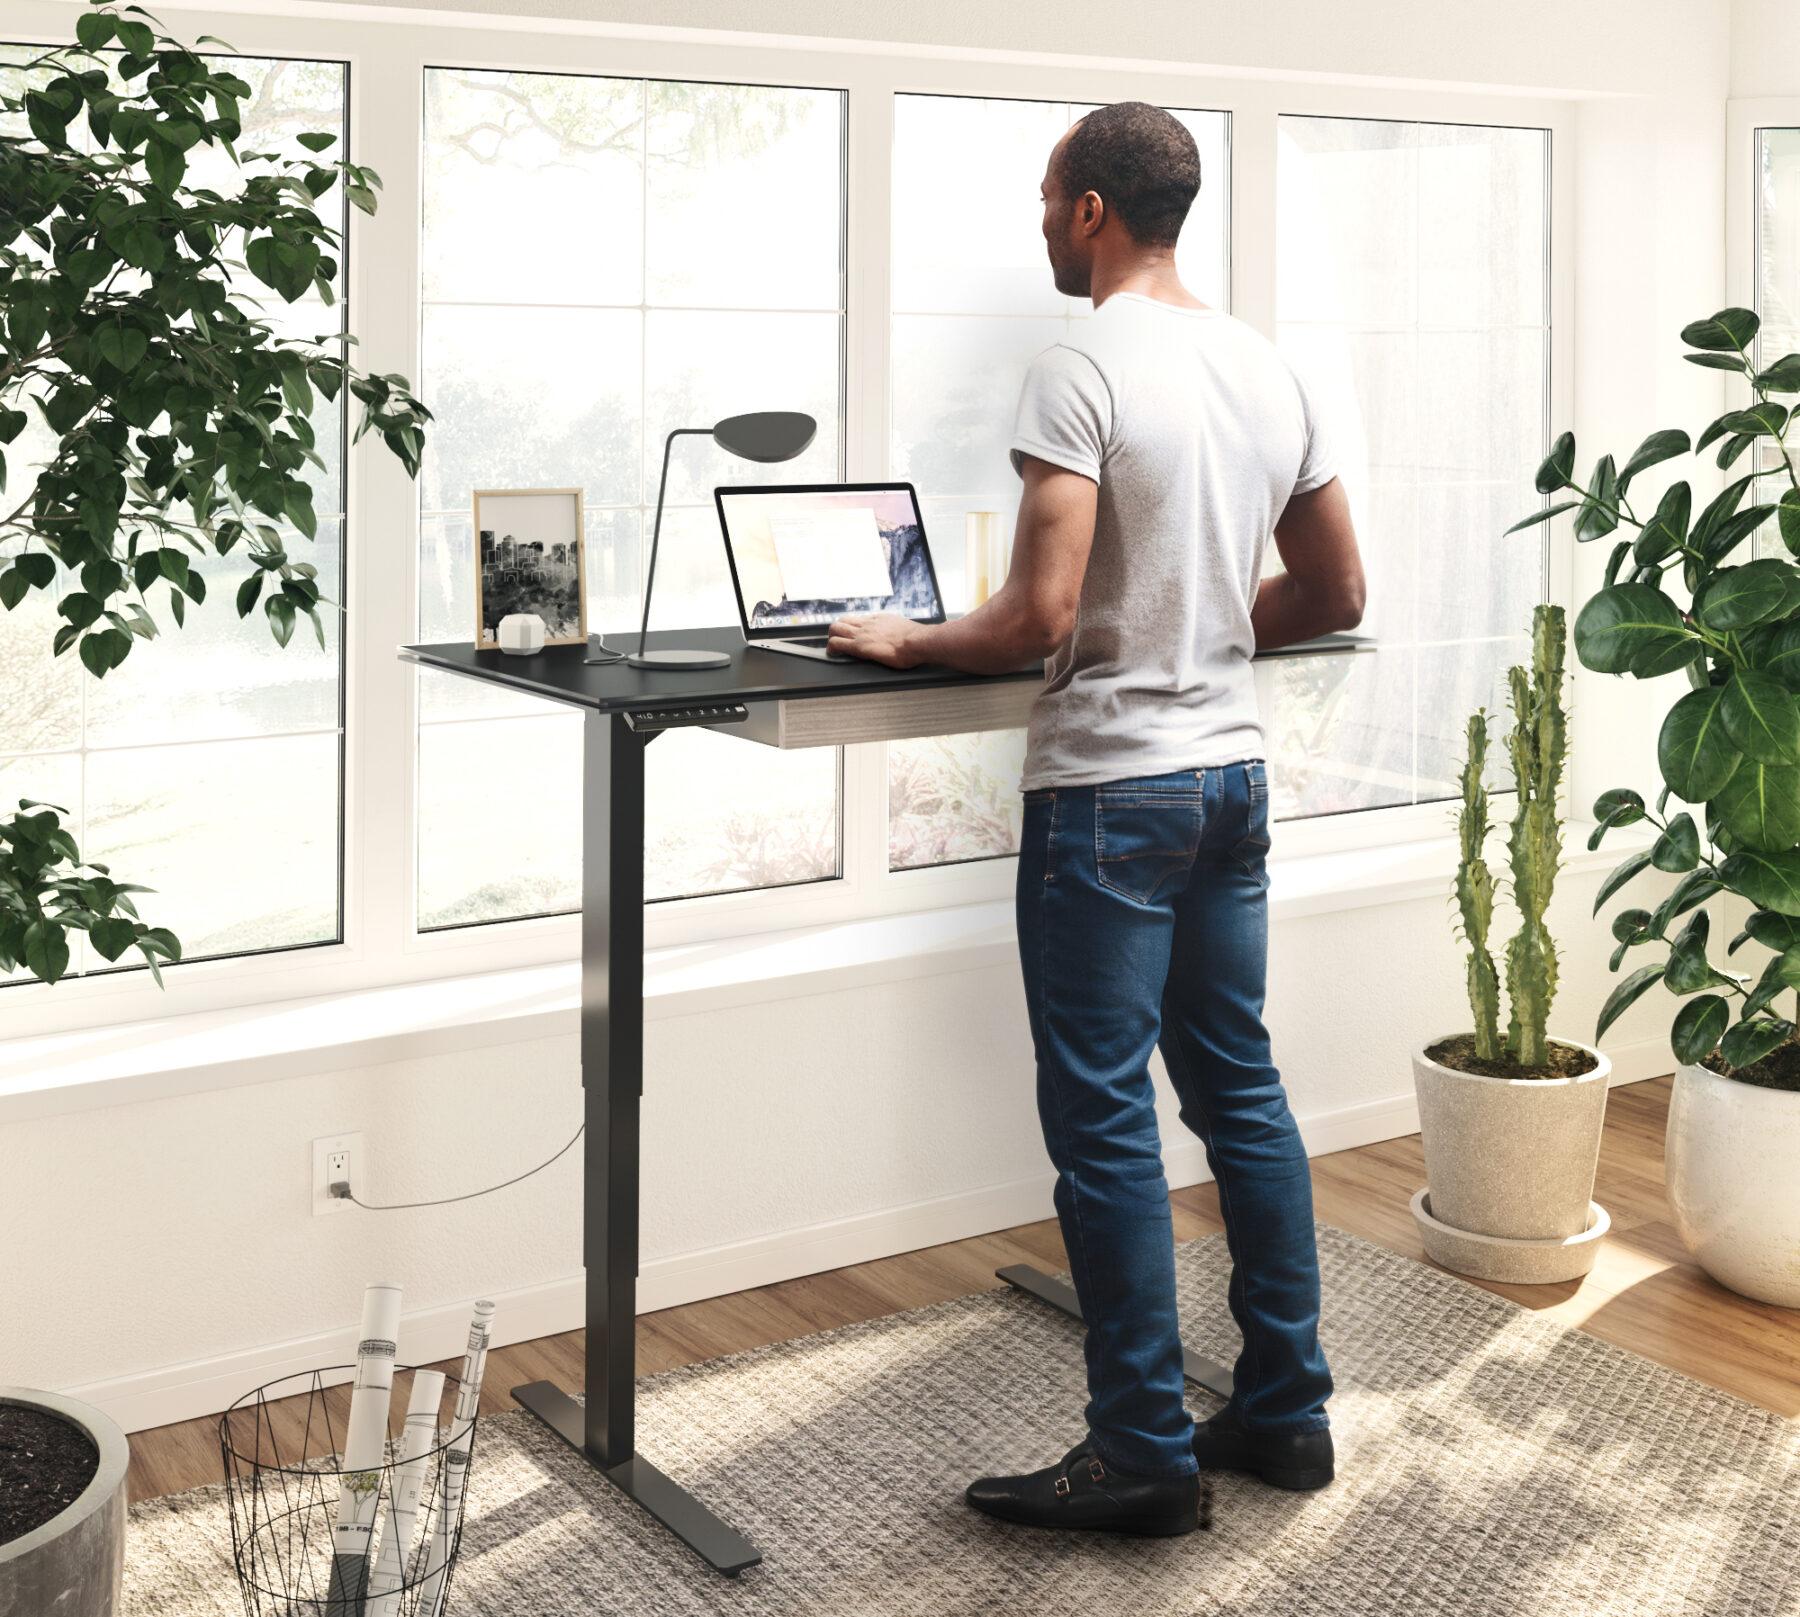 stance-lift-desk-6650-STR-BDI-height-adjustable-desk-LS2